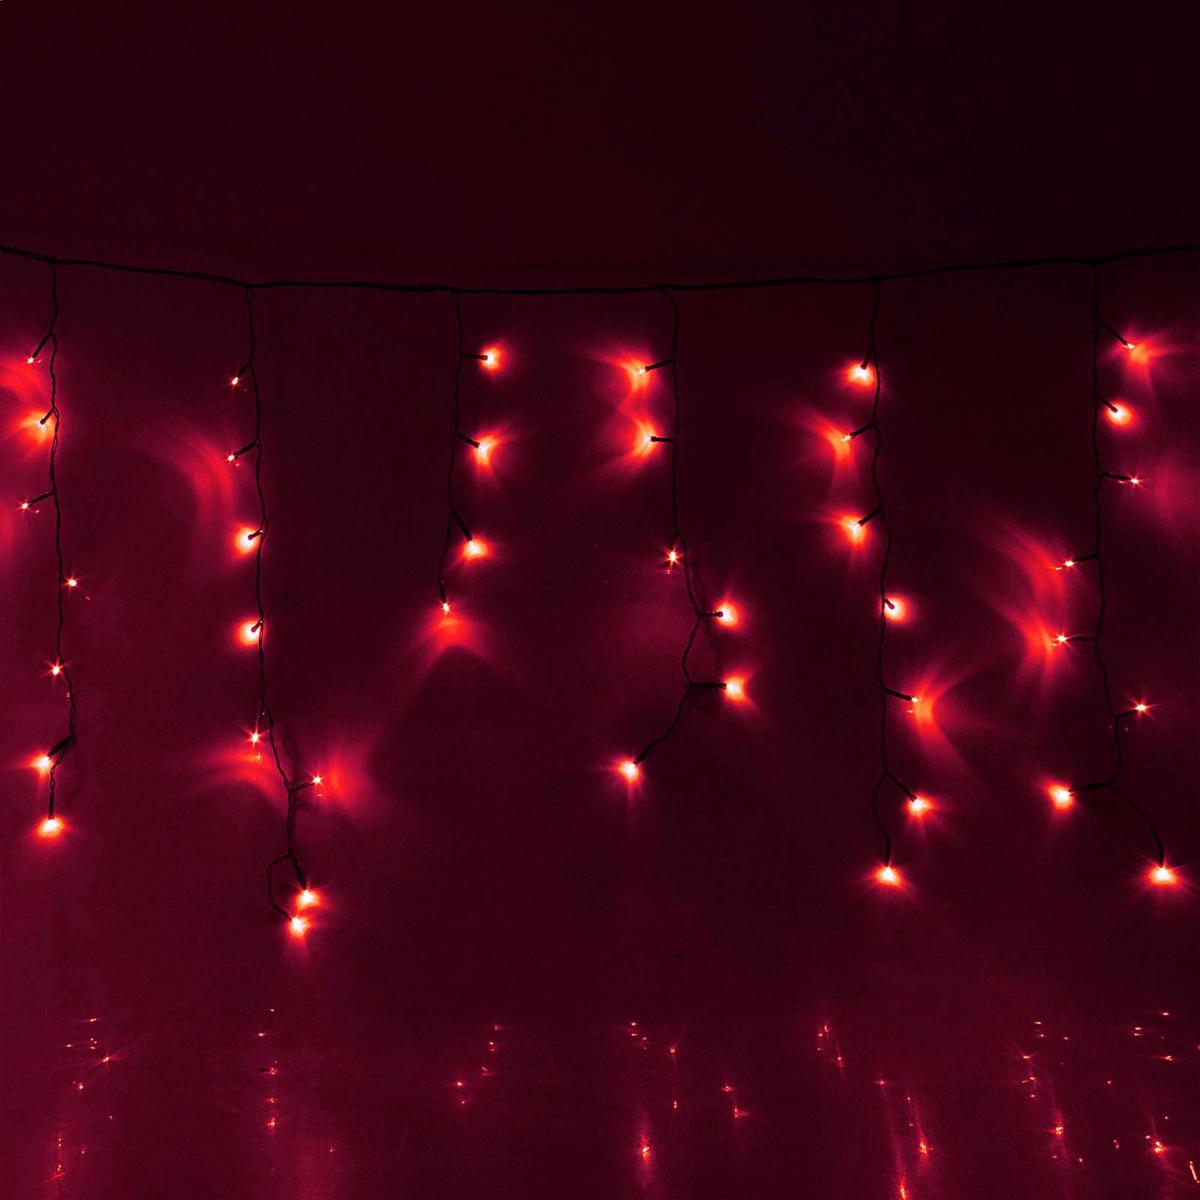 Гирлянда светодиодная Luazon Бахрома, уличная, 160 ламп, 220 V, цвет: красный, 3 х 0,6 м. 187288187288Светодиодные гирлянды, ленты и т.д — это отличный вариант для новогоднего оформления интерьера или фасада. С их помощью помещение любого размера можно превратить в праздничный зал, а внешние элементы зданий, украшенные ими, мгновенно станут напоминать очертания сказочного дворца. Такие украшения создают ауру предвкушения чуда. Деревья, фасады, витрины, окна и арки будто специально созданы, чтобы вы украсили их светящимися нитями.